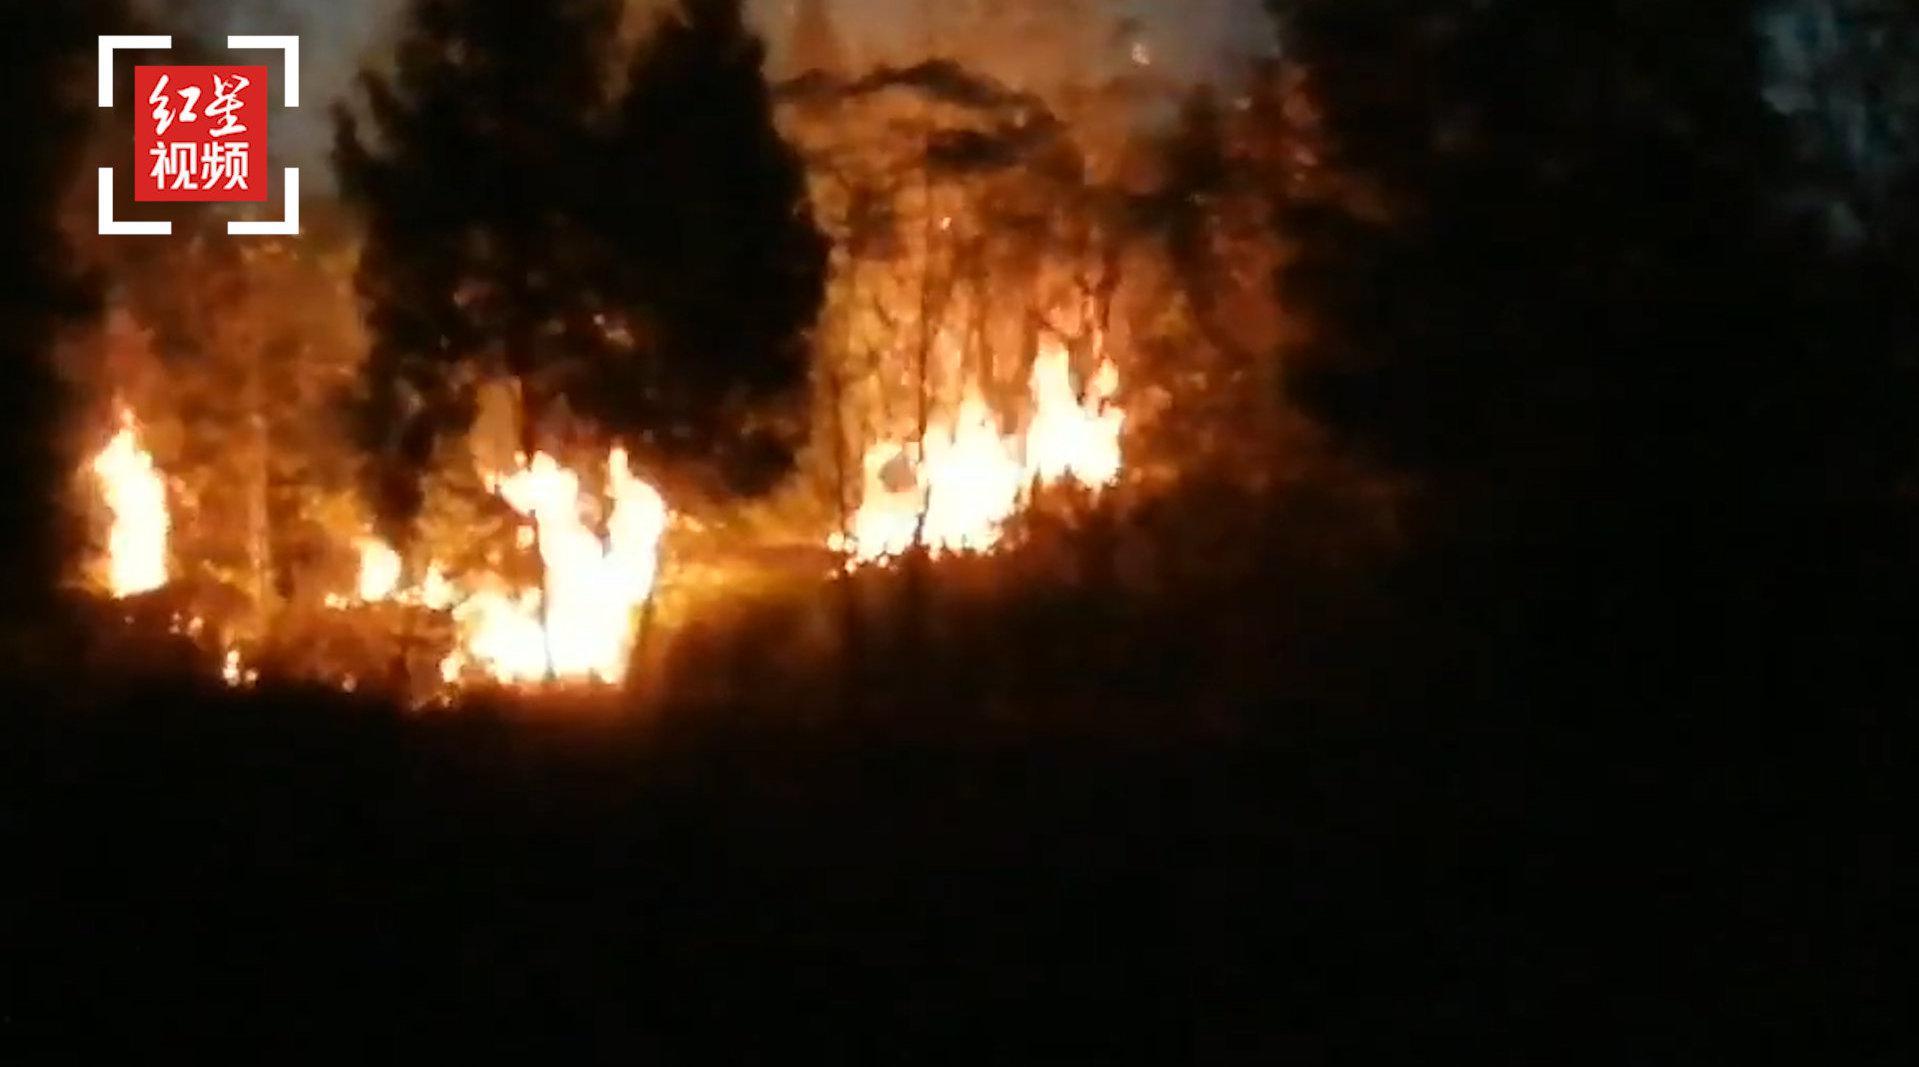 四川营山境内发生一起山火无人员伤亡 火灾原因正进一步调查中